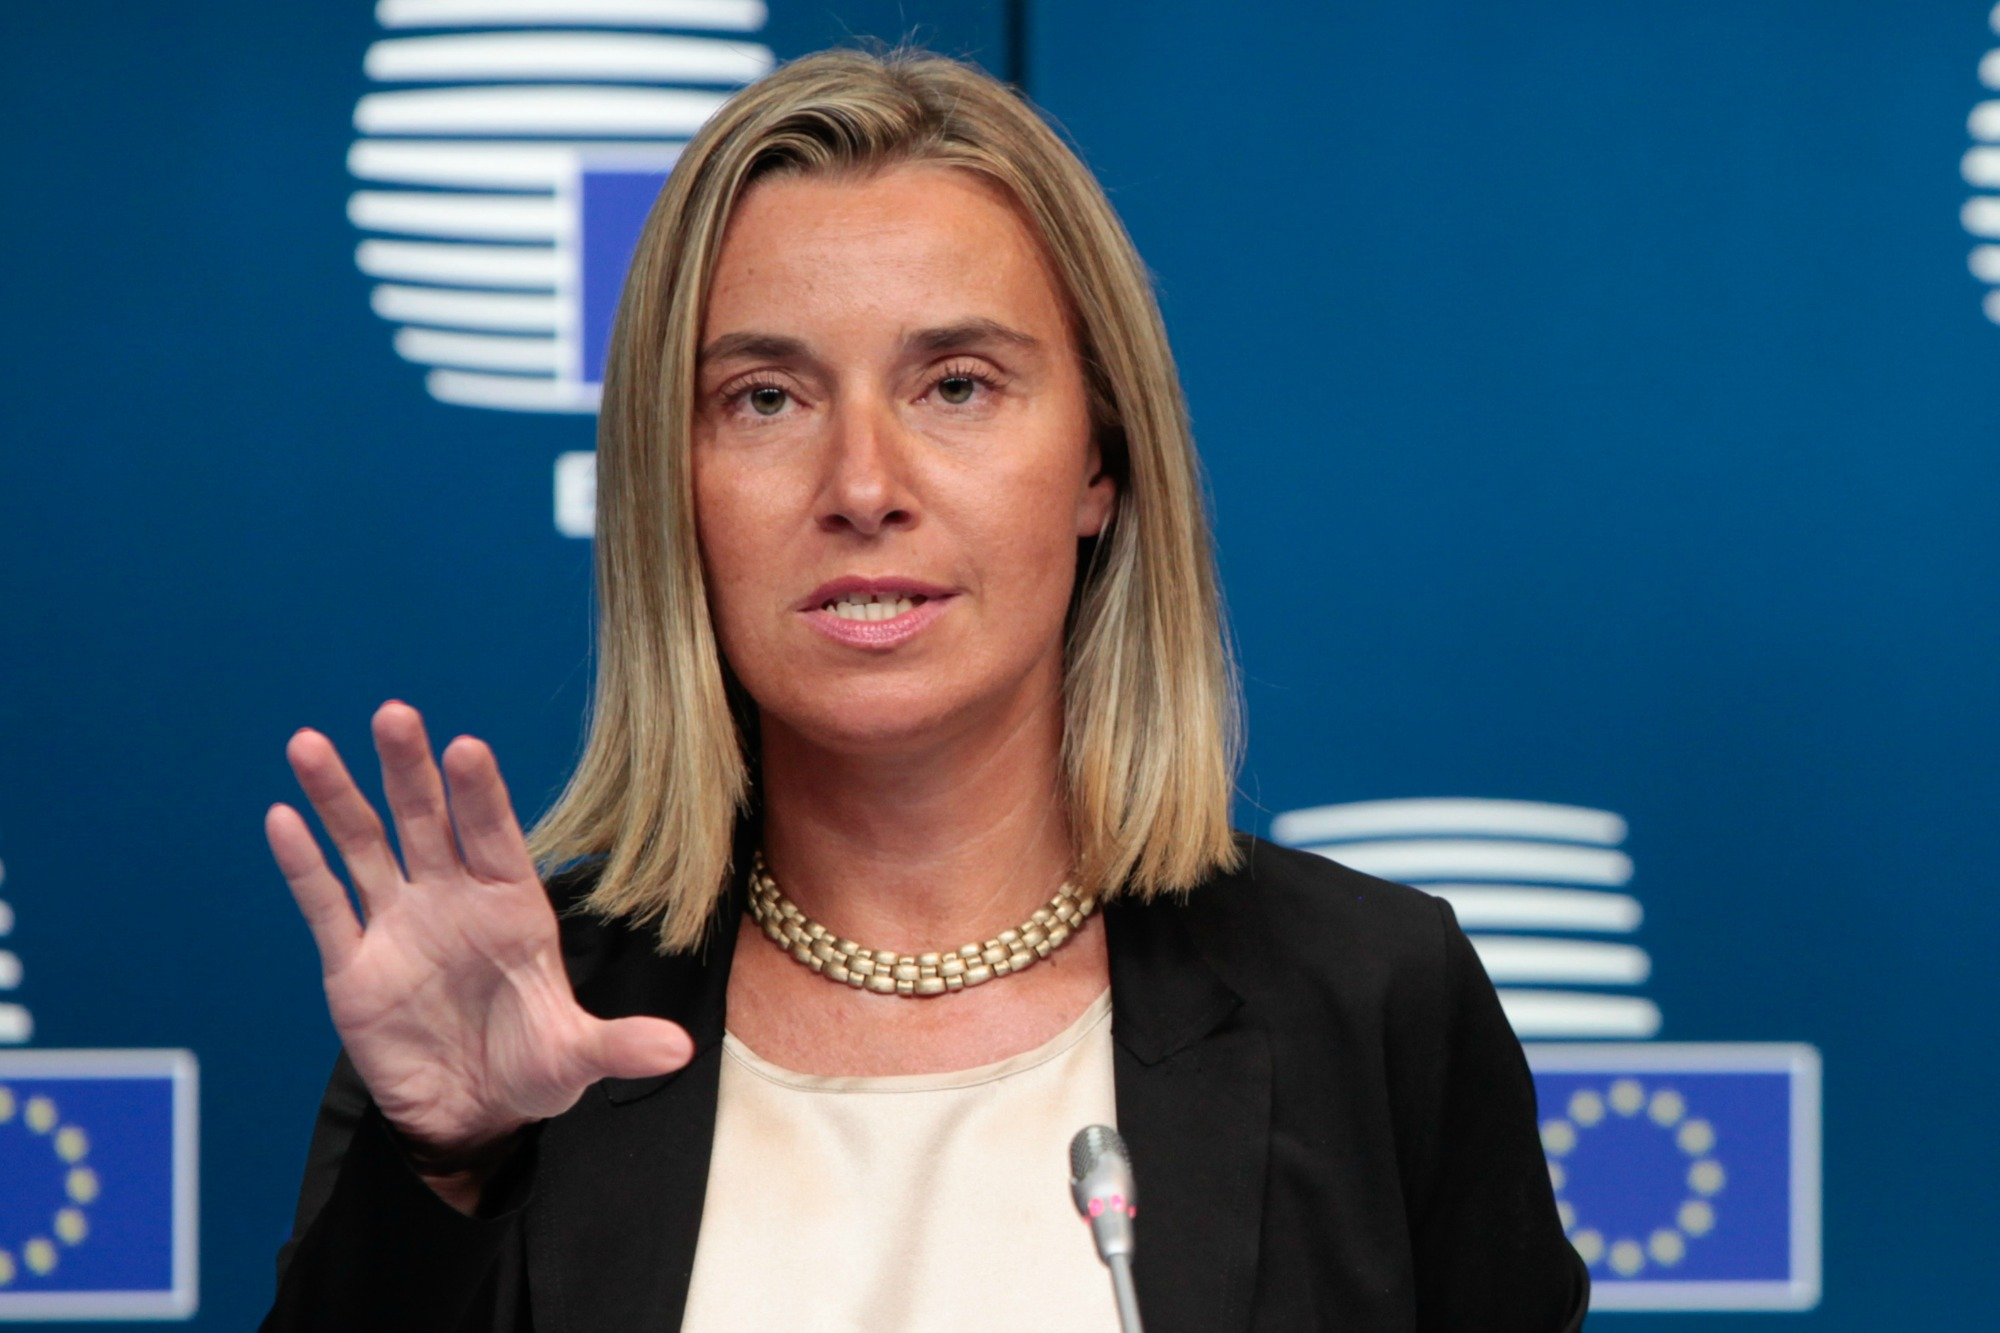 Avropa İttifaqı Milli Şuranın aksiyası ilə bağlı bəyanat verdi